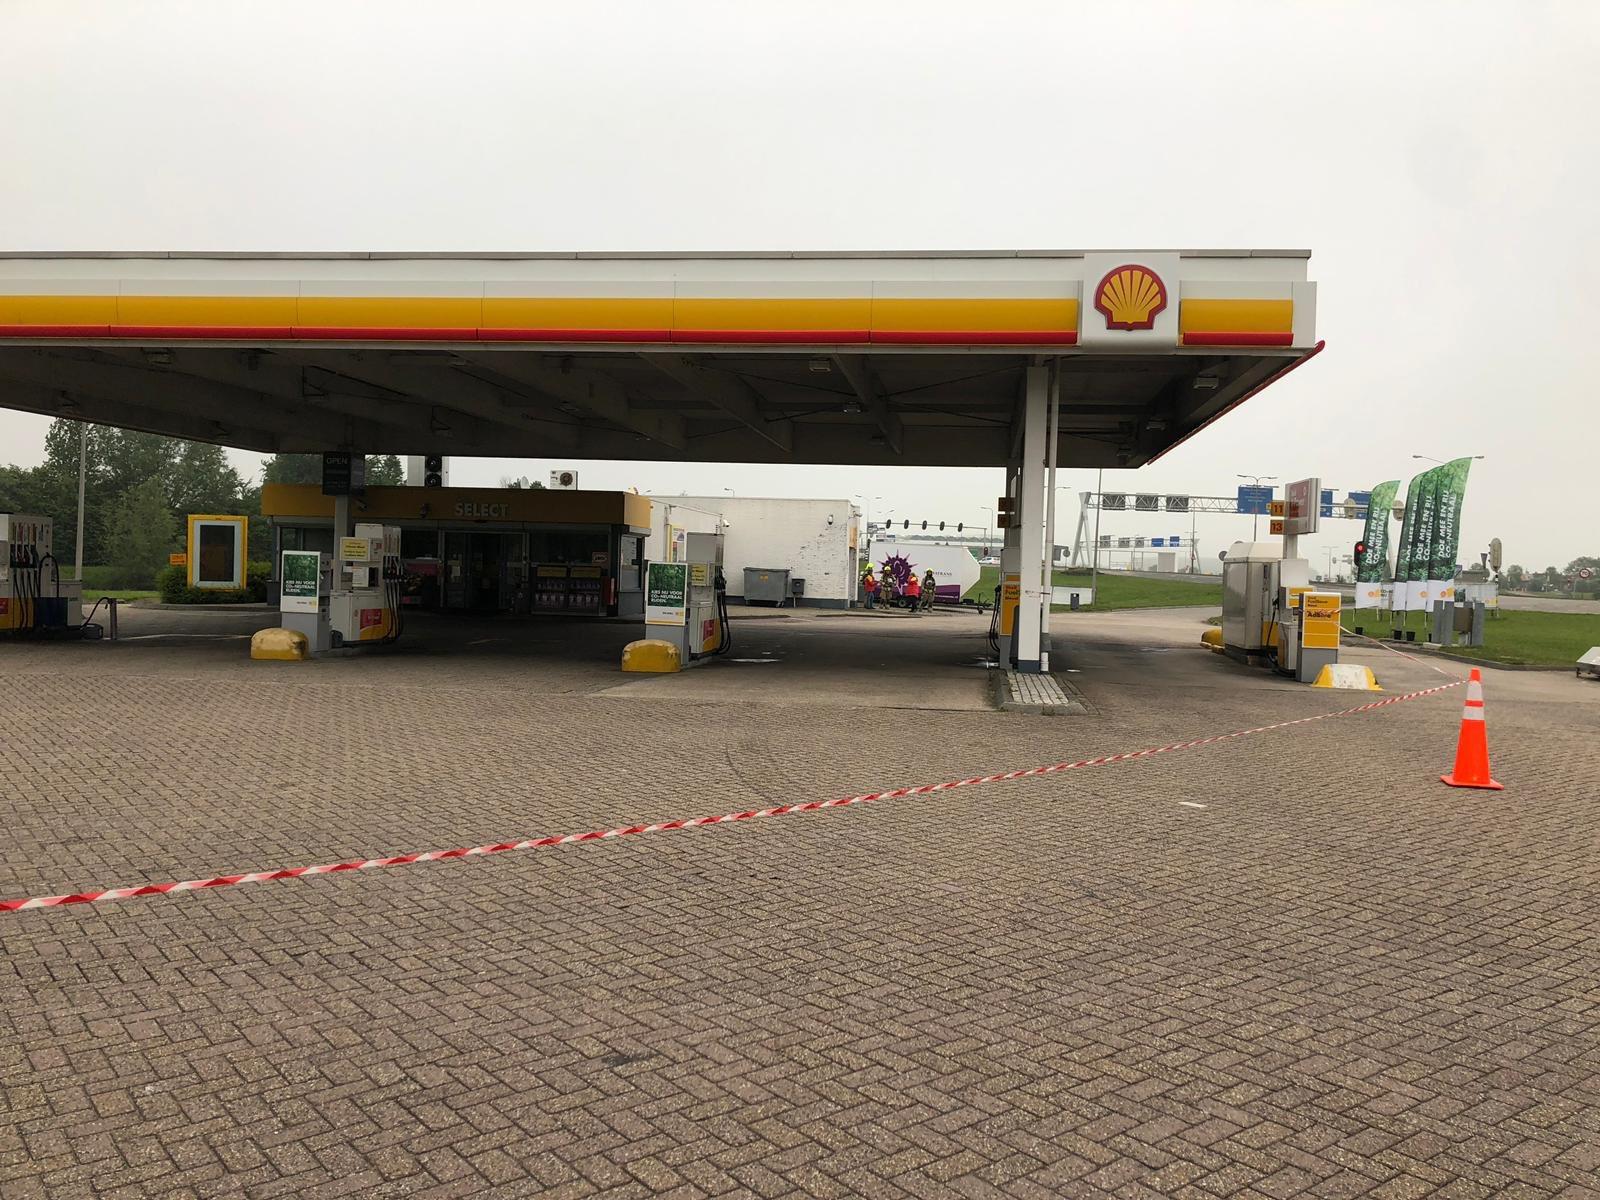 Melding gaslekkage bij tankstation blijkt loos Dierensteinweg Barendrecht